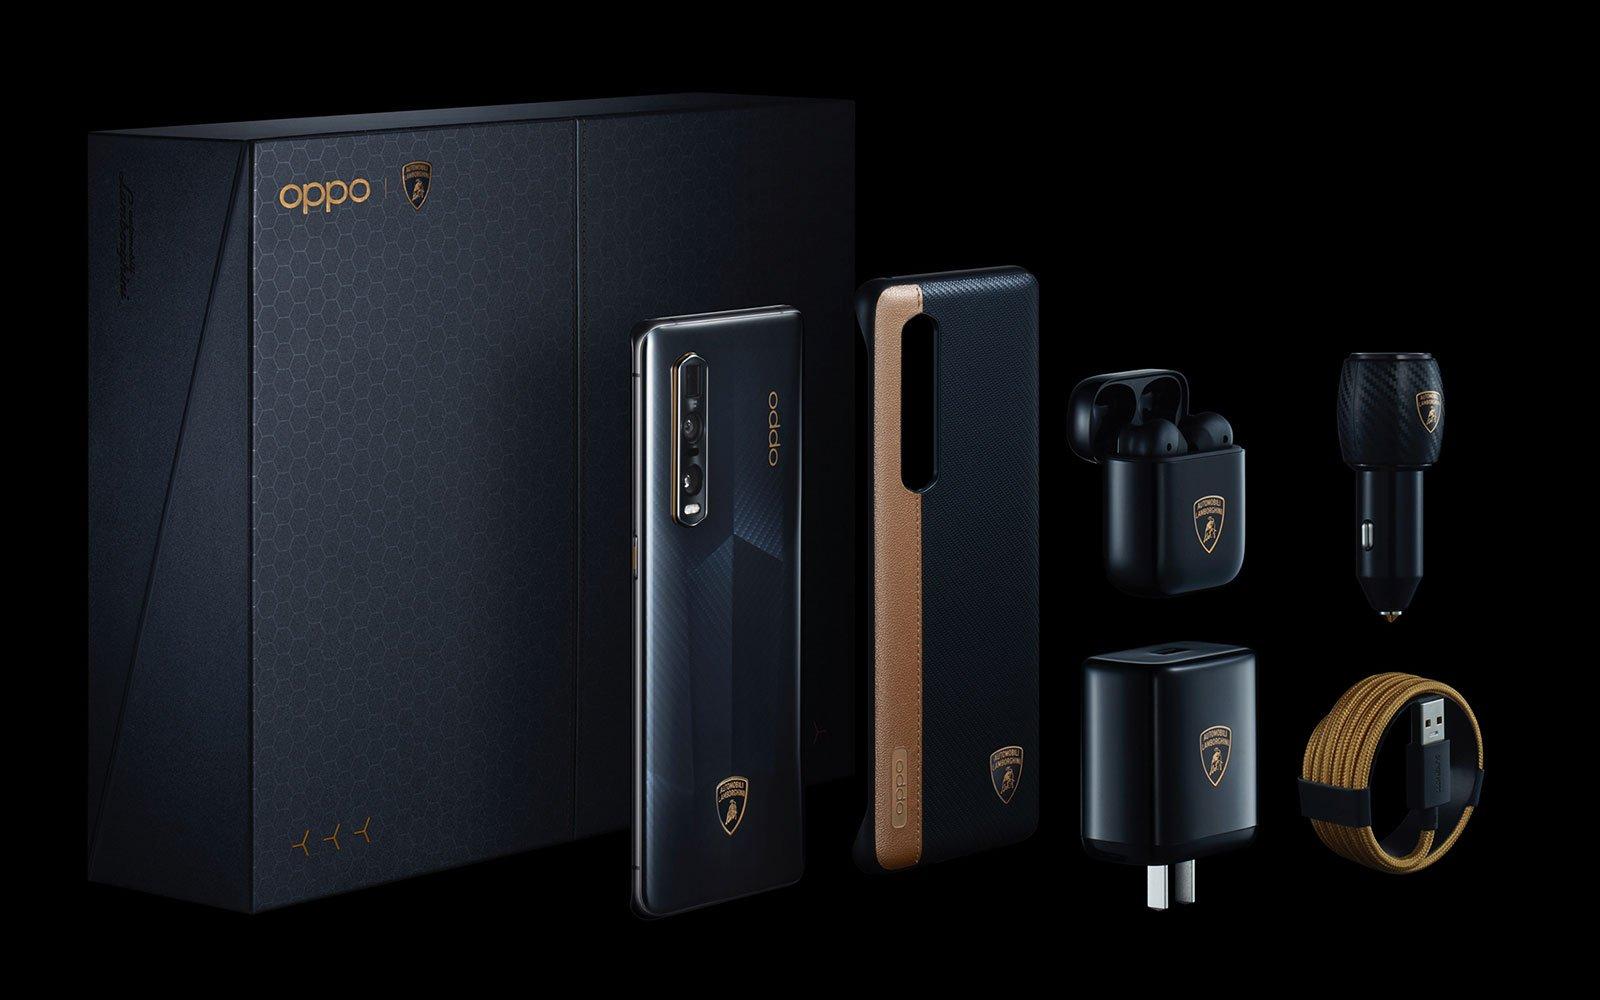 Oppo Find X2 Pro Automobili Lamborghini Edition Bundle